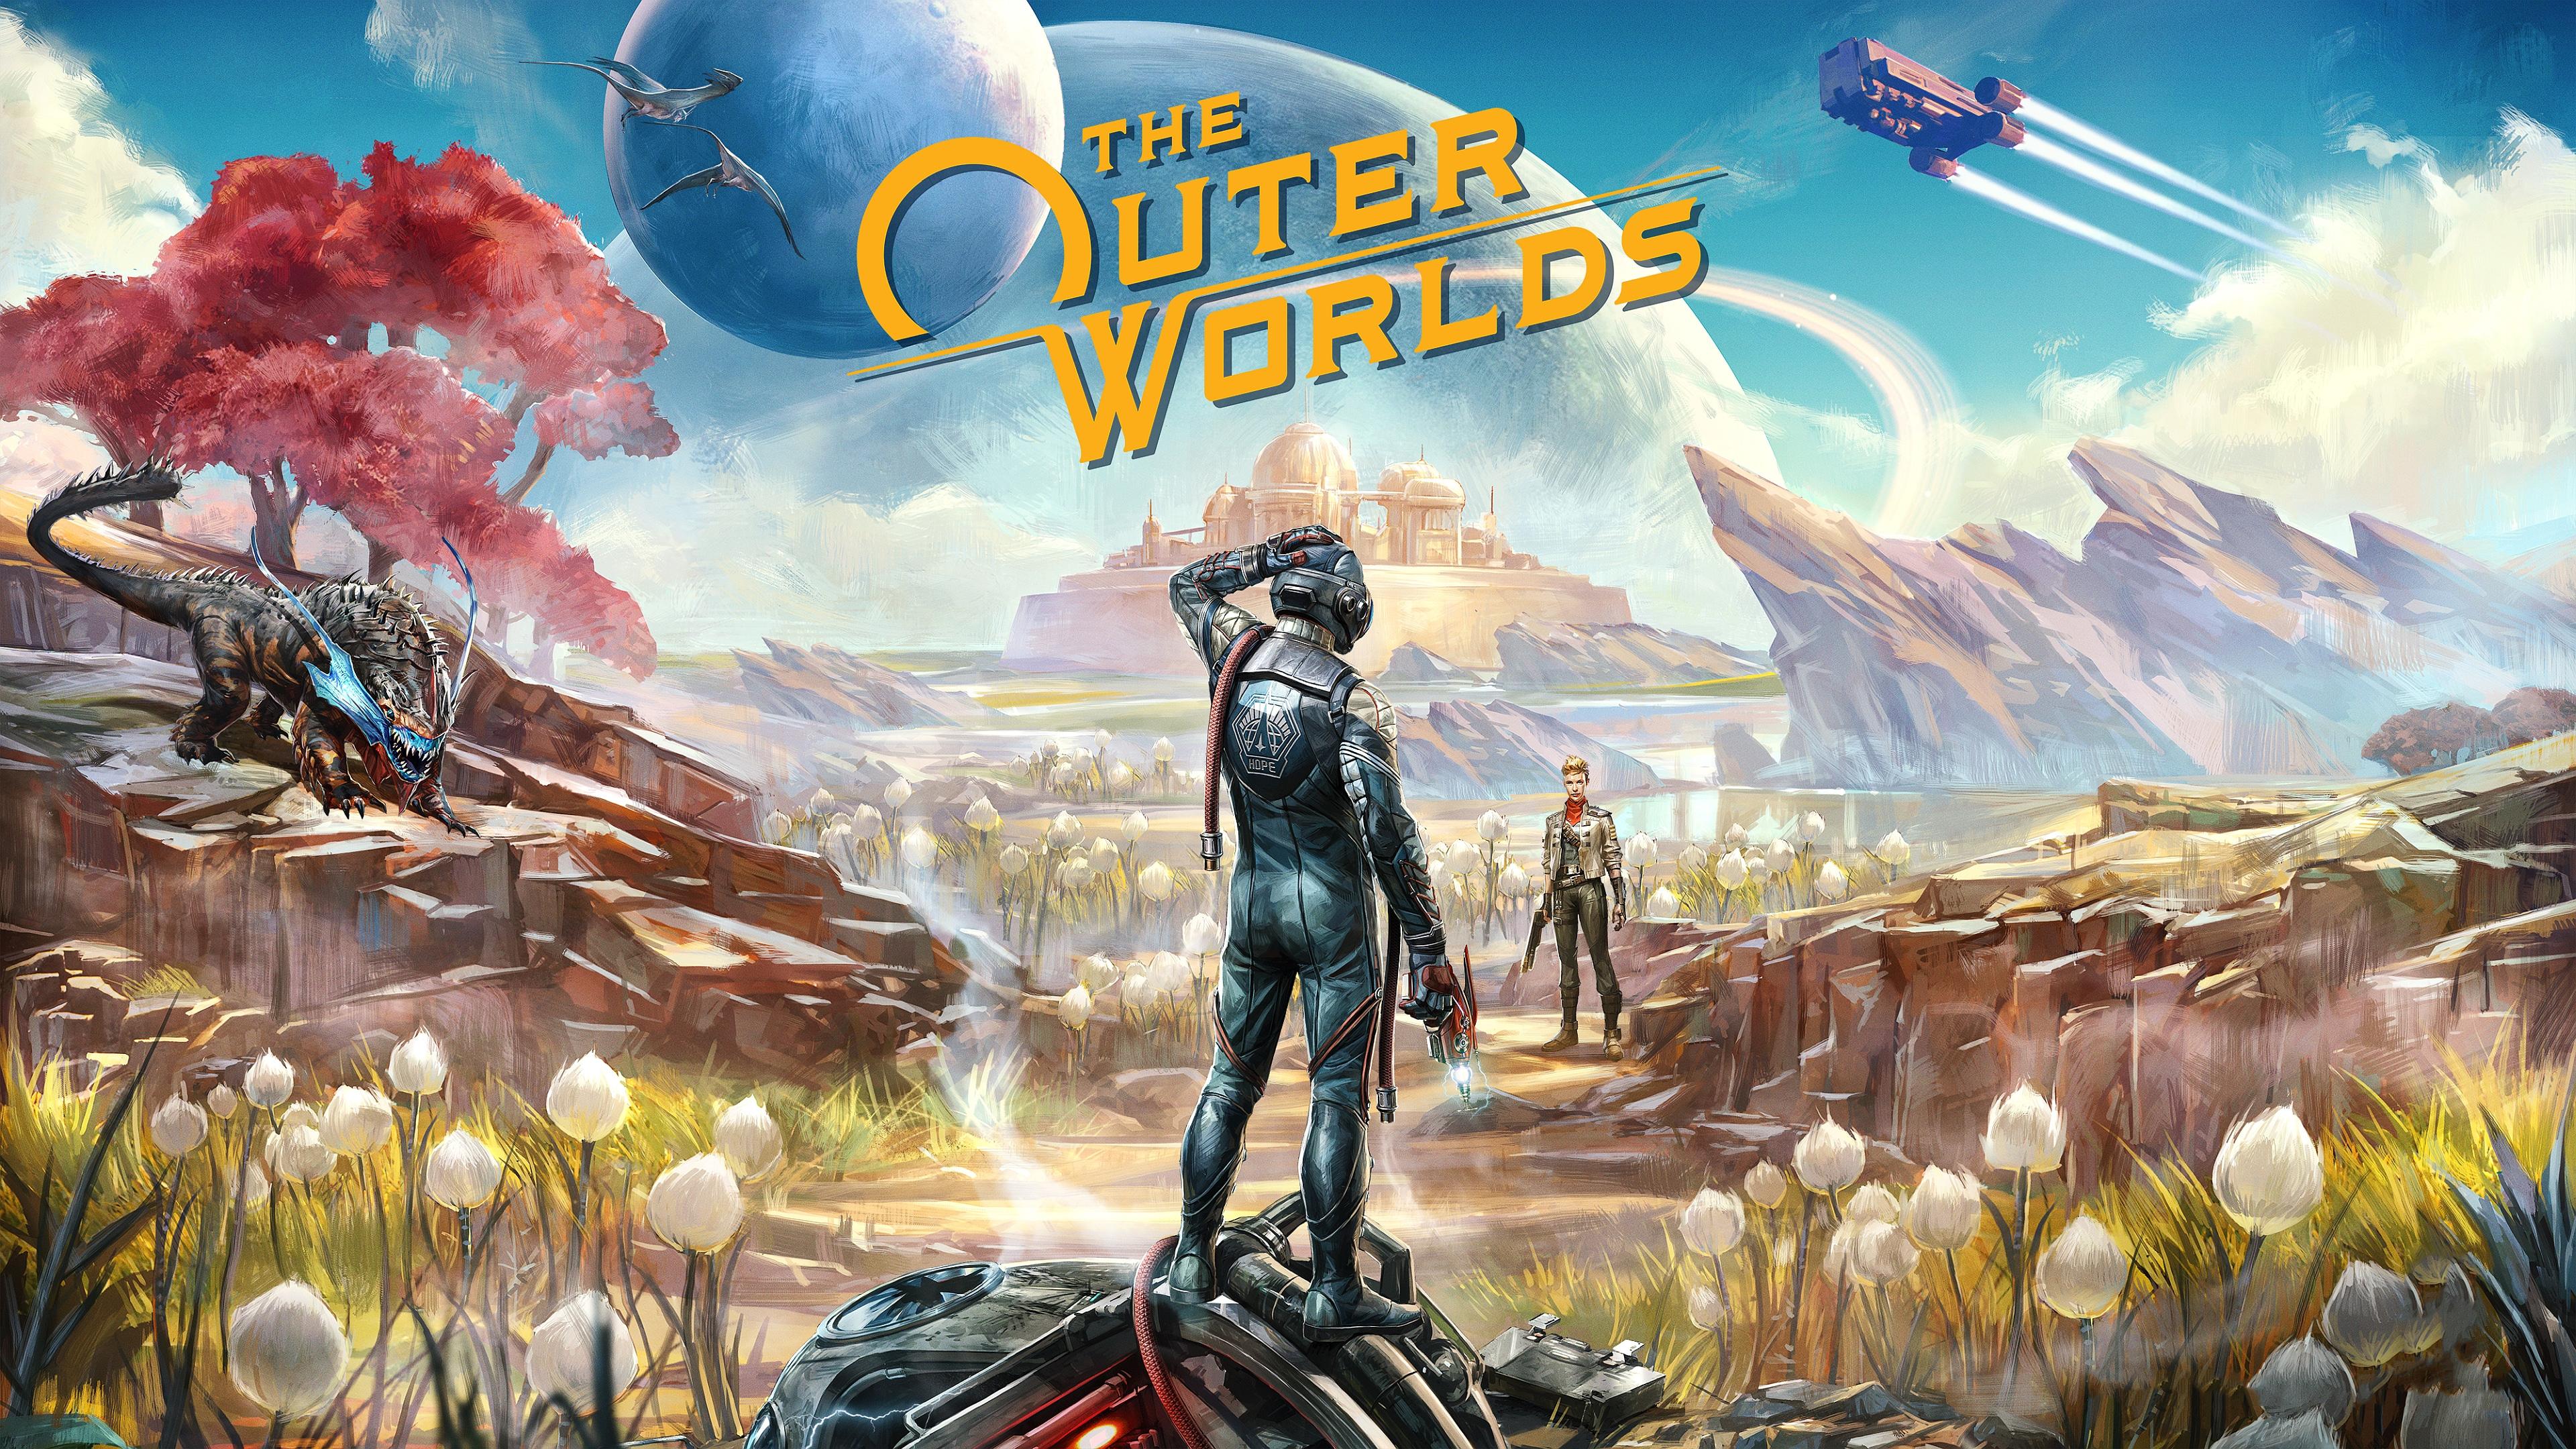 天外世界游戏图片 高清壁纸 游戏壁纸-第3张